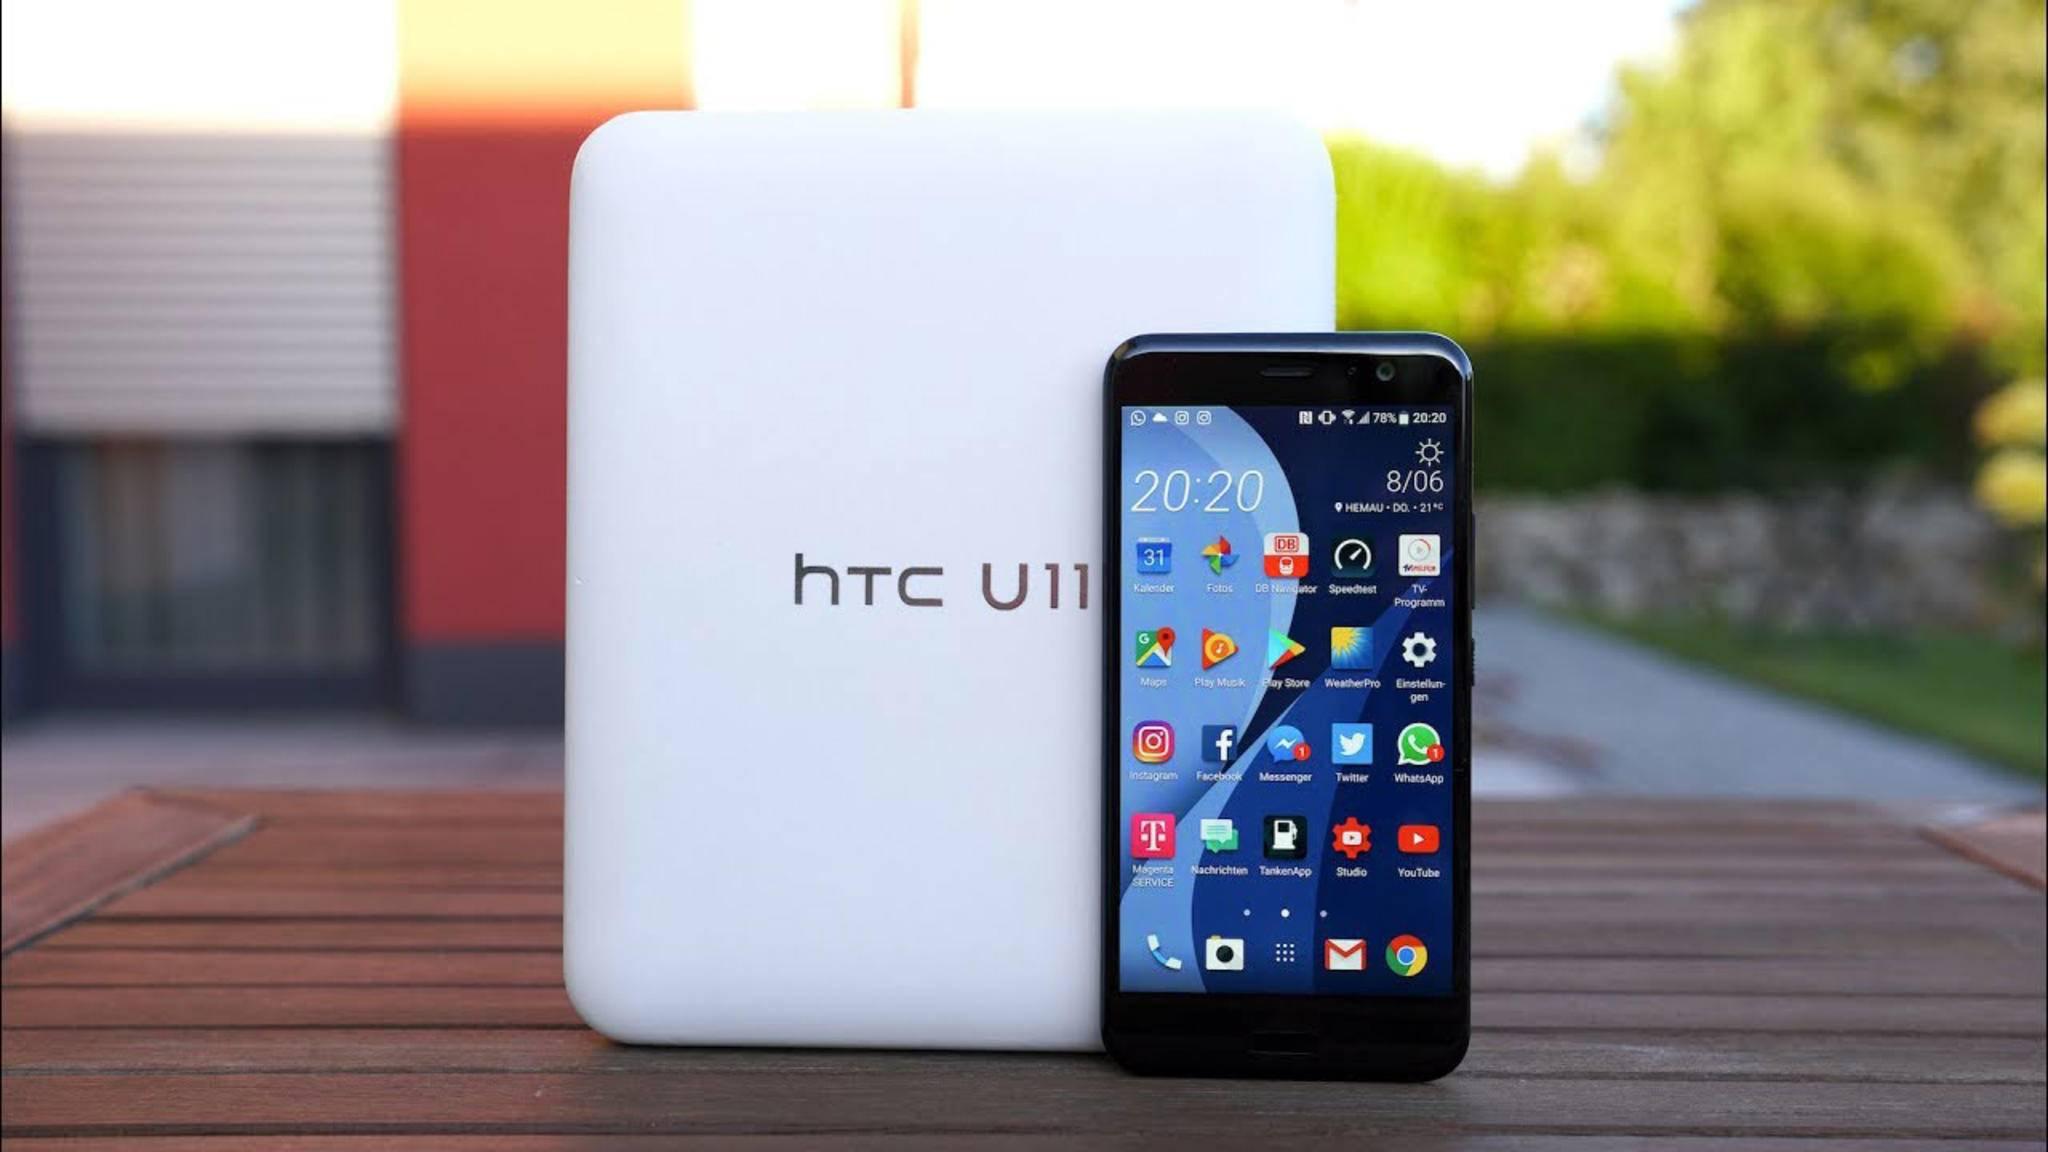 Das HTC U11 wird offenbar nachträglich mit Bluetooth 5.0 ausgestattet.